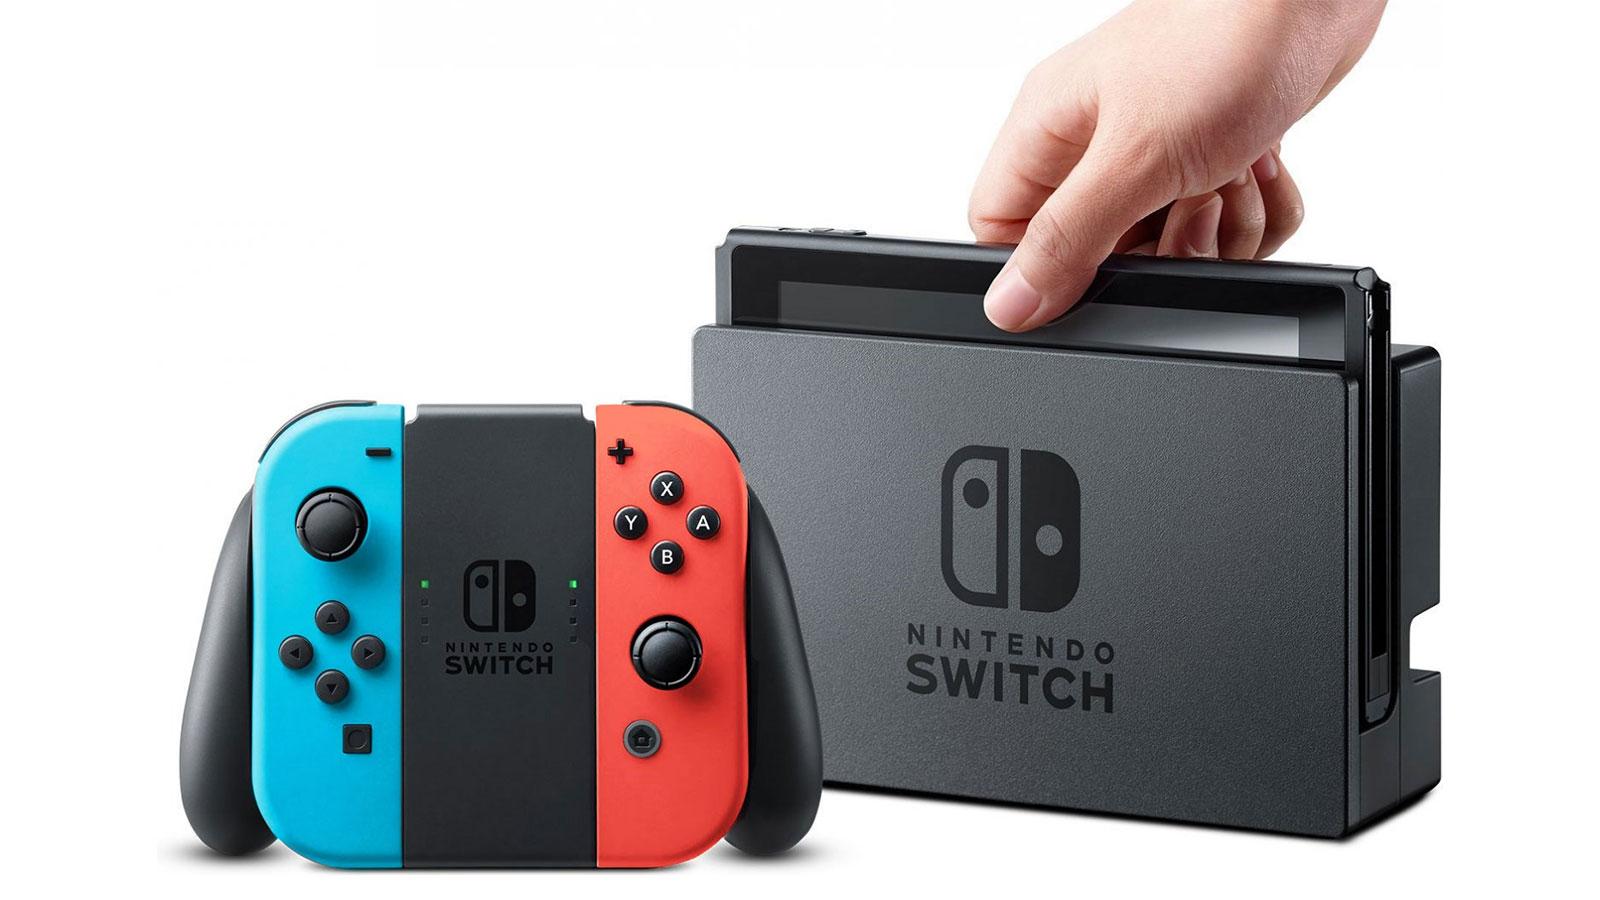 Nintendo-k 52,48 milioi kontsola saldu ditu dagoeneko Switch